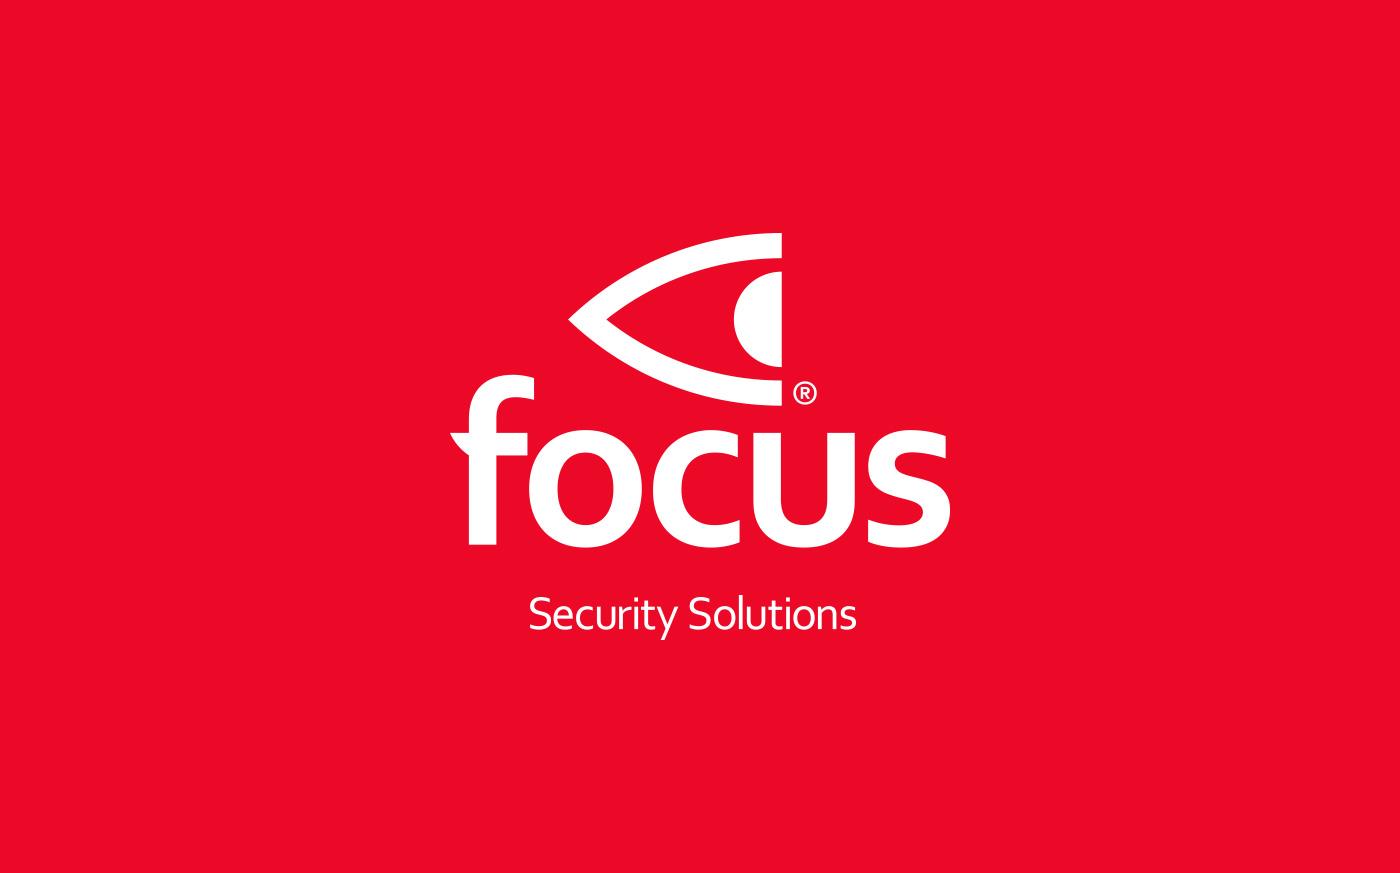 Focus Security